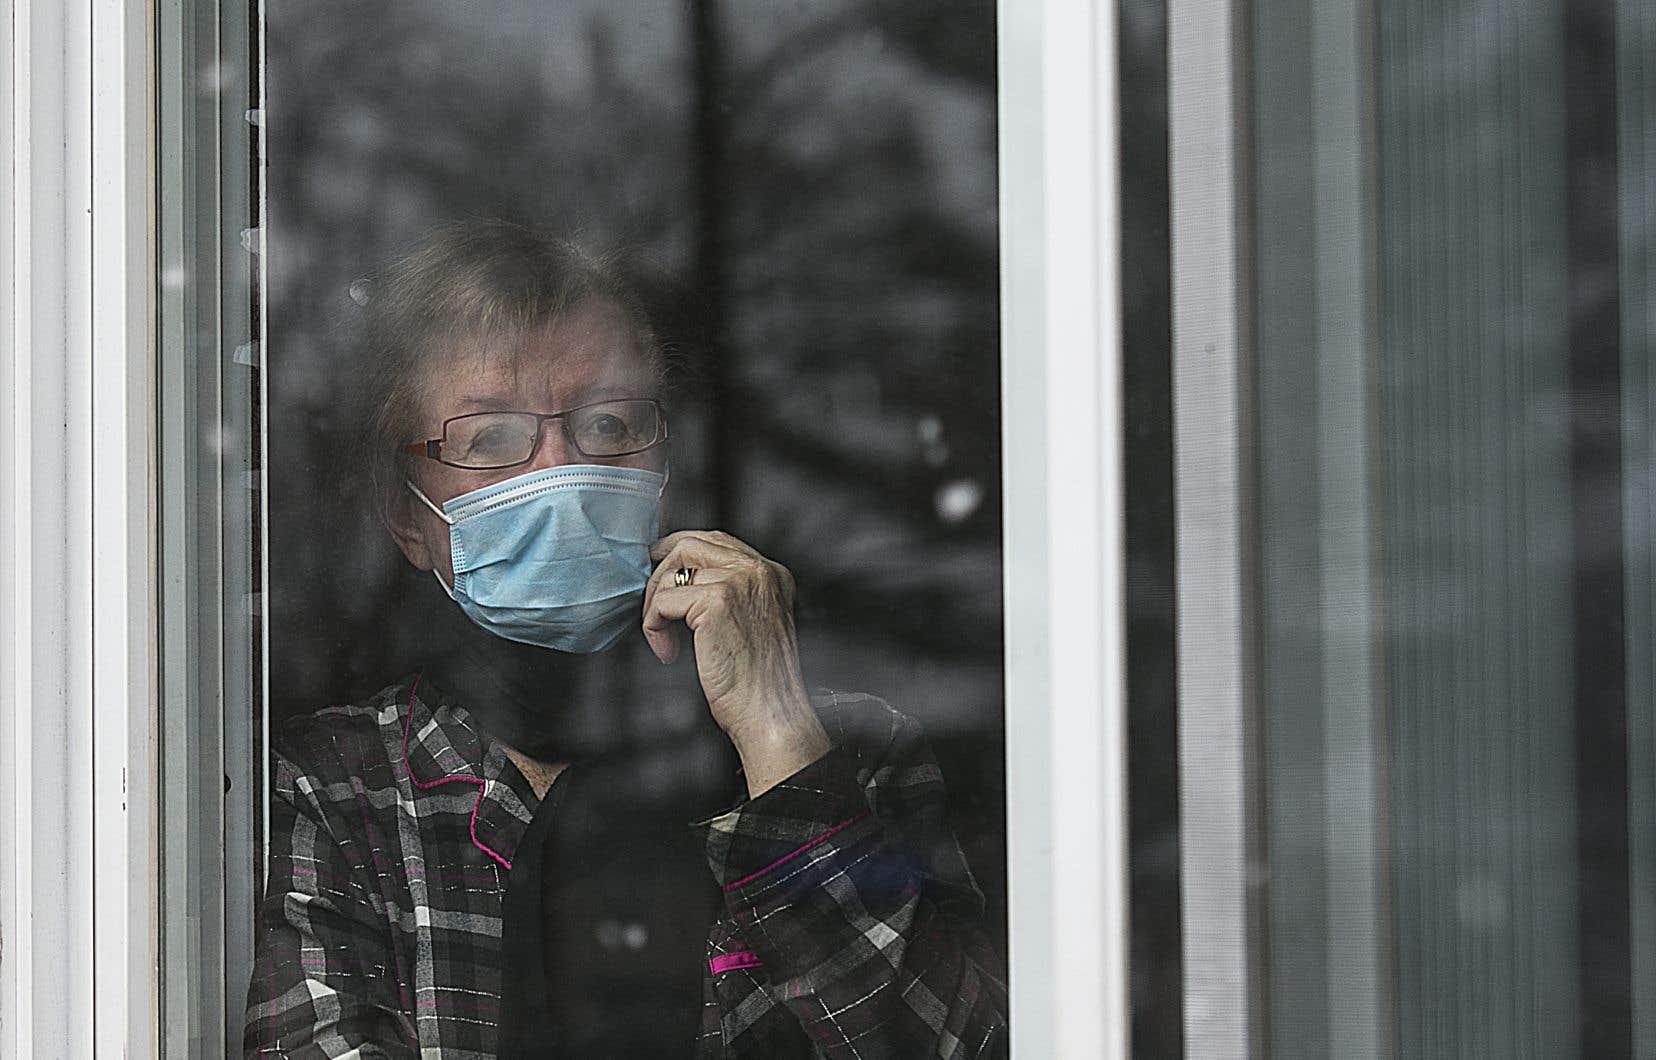 Les proches aidants n'auront plus à être dépistés avant d'entrer dans les CHSLD ou les résidences pour personnes âgées, que ce soit pour aller dans une zone chaude ou une zone froide.